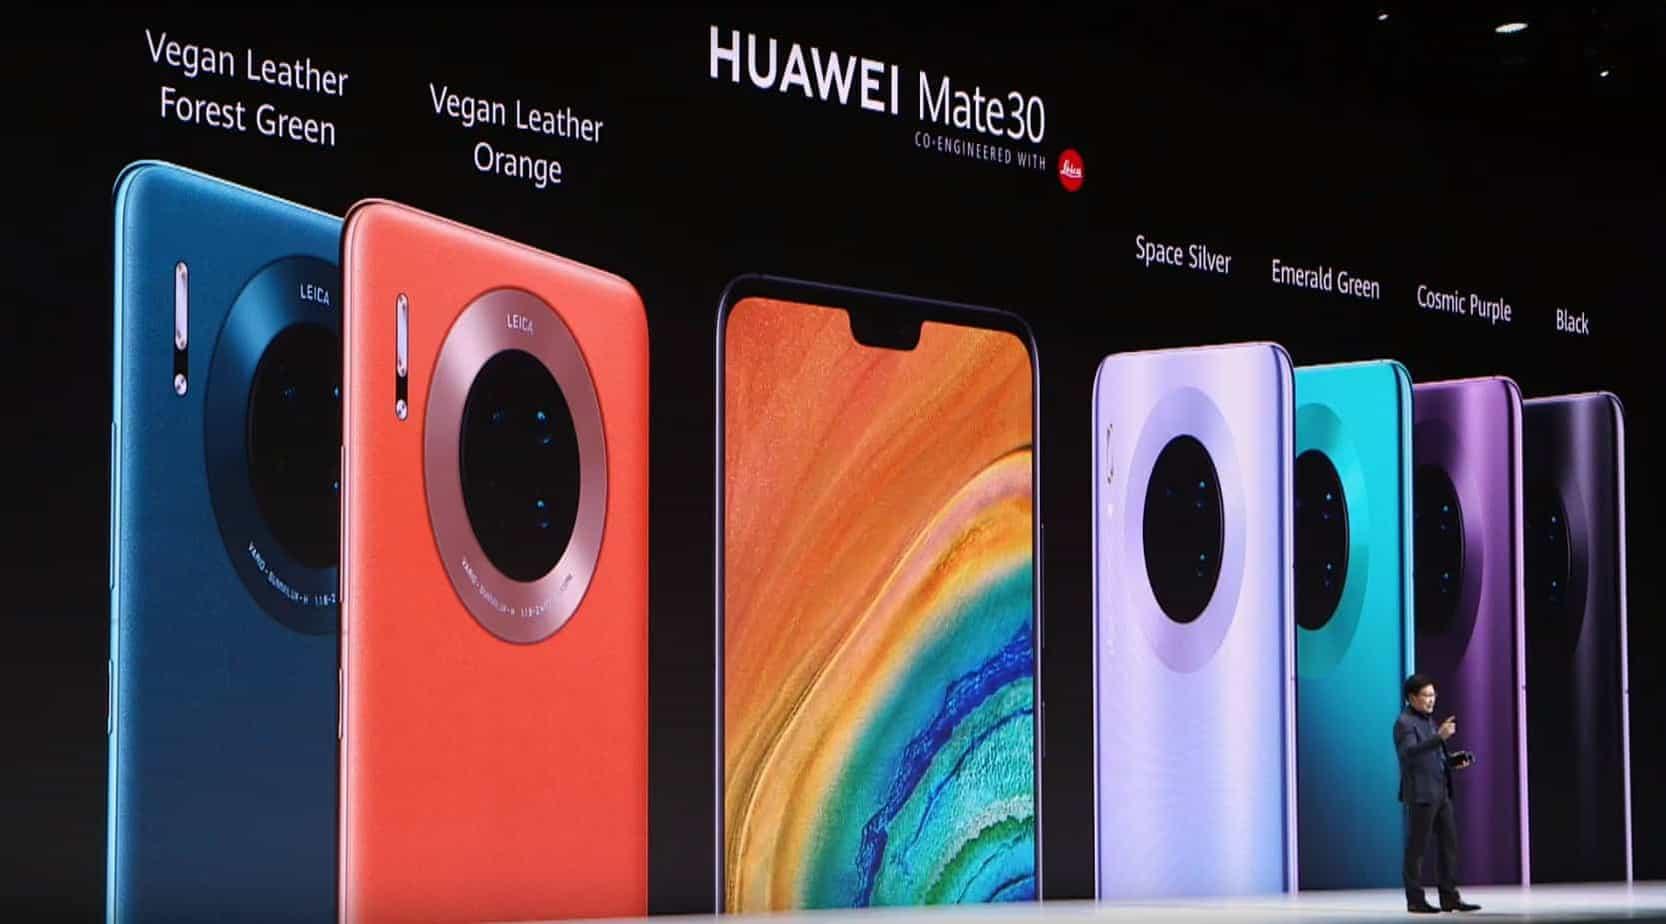 Huawei mate 30 launch